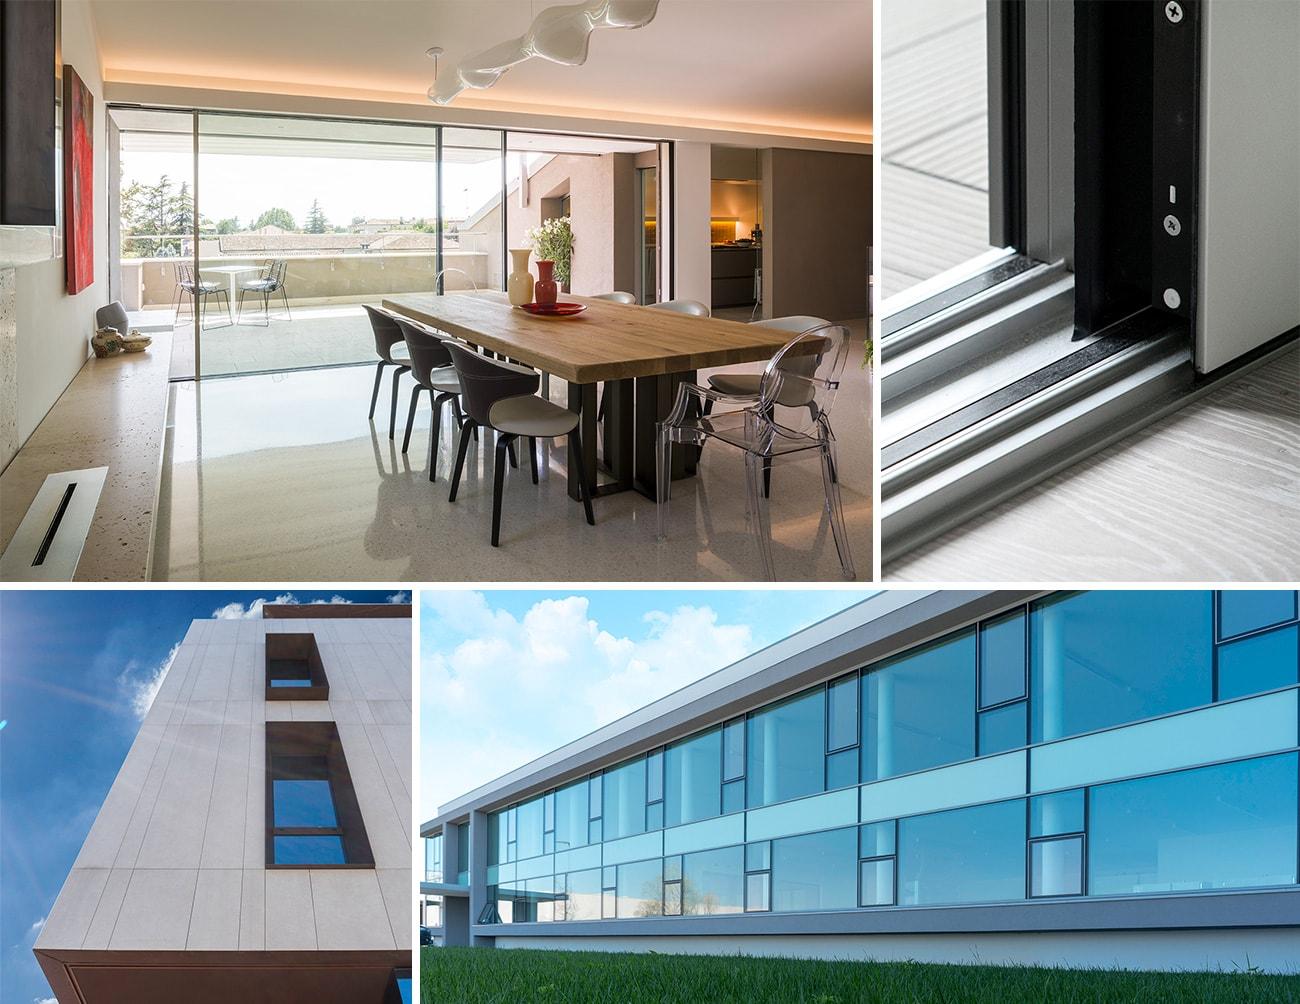 Tende Per Finestra Balcone : Poza serramenti e tendaggi finestre balconi persiane frangisole